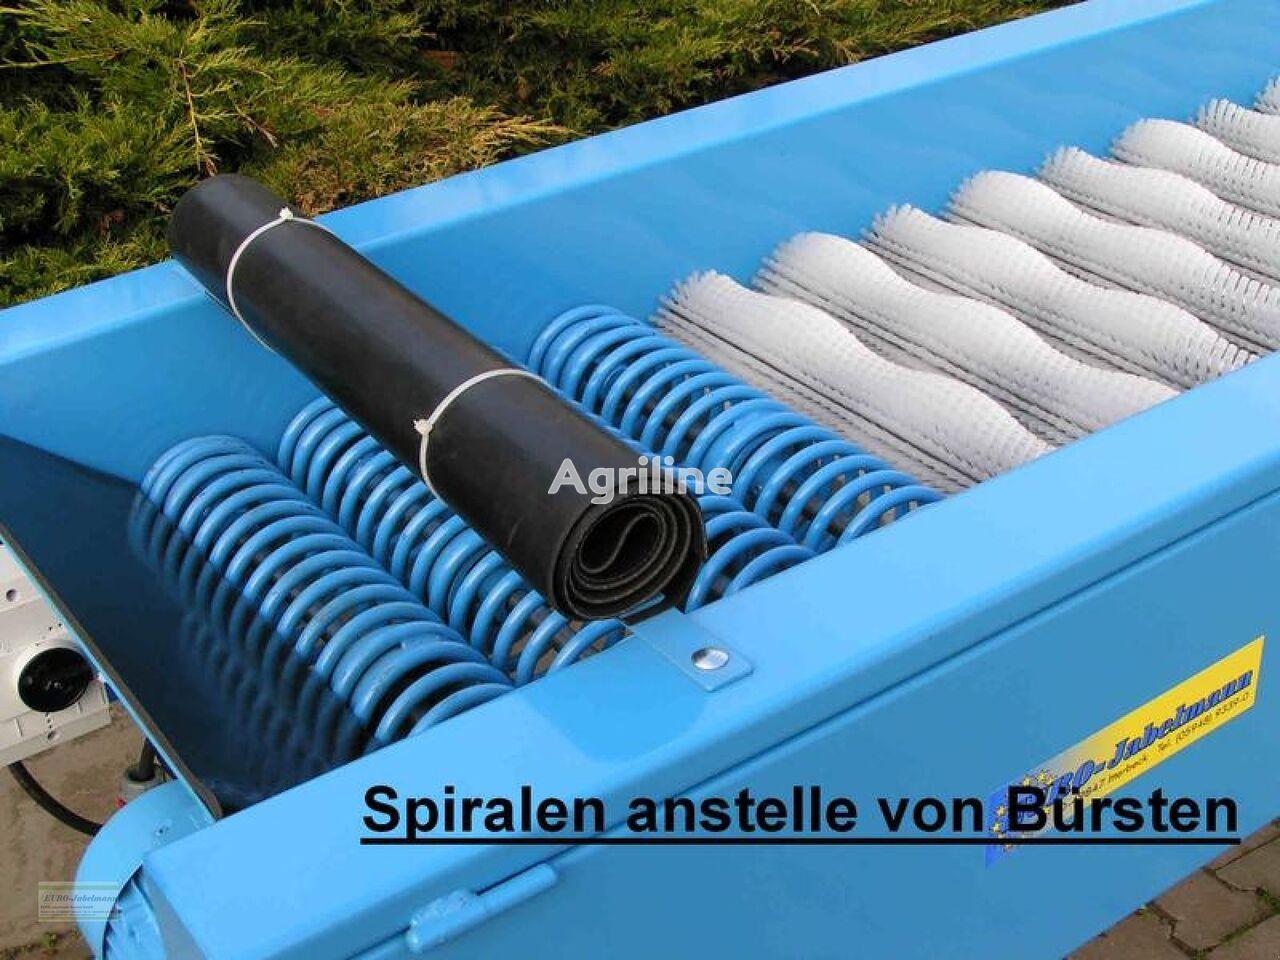 neue EURO-Jabelmann Bürstenmaschine, NEU, 11 Bürsten + 3 Spiralen, 550 mm breit Gemüsewaschmaschine